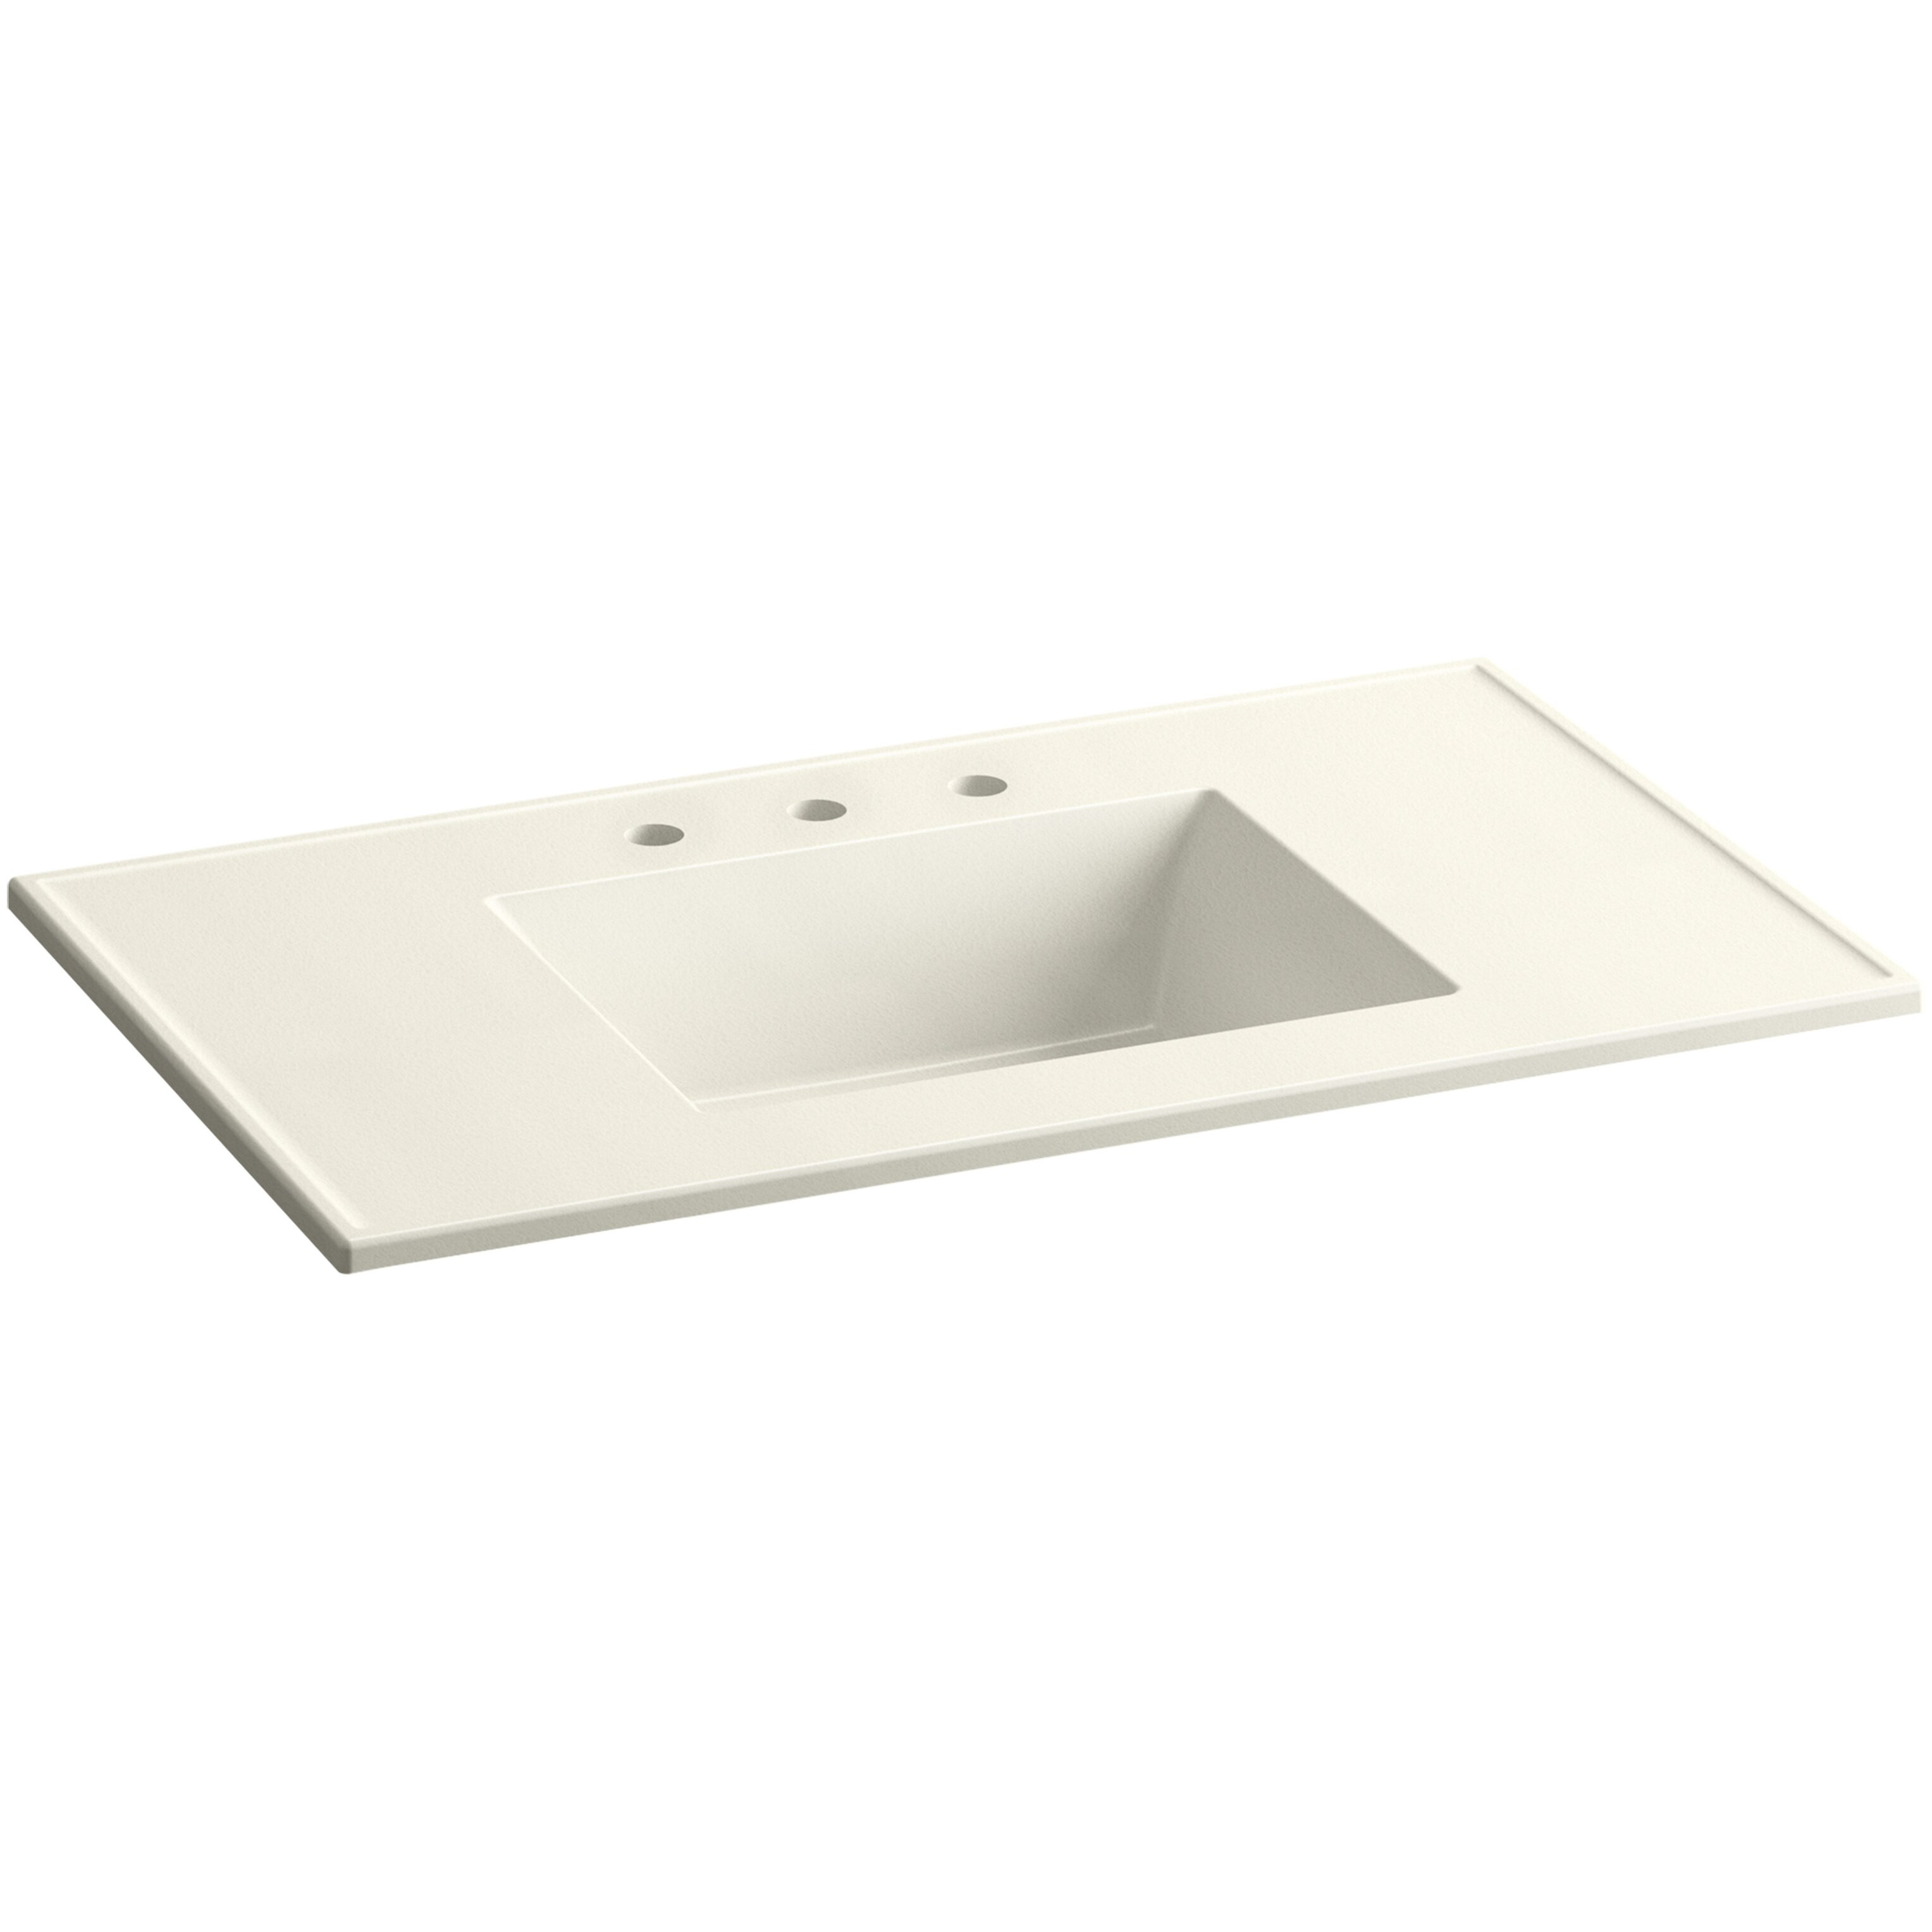 Kohler Ceramic Impressions 37 quot Rectangular Vanity Top Bathroom Sink   Kohler Ceramic Impressions 37 Rectangular. Kohler Vanity Sinks  universalcouncil info